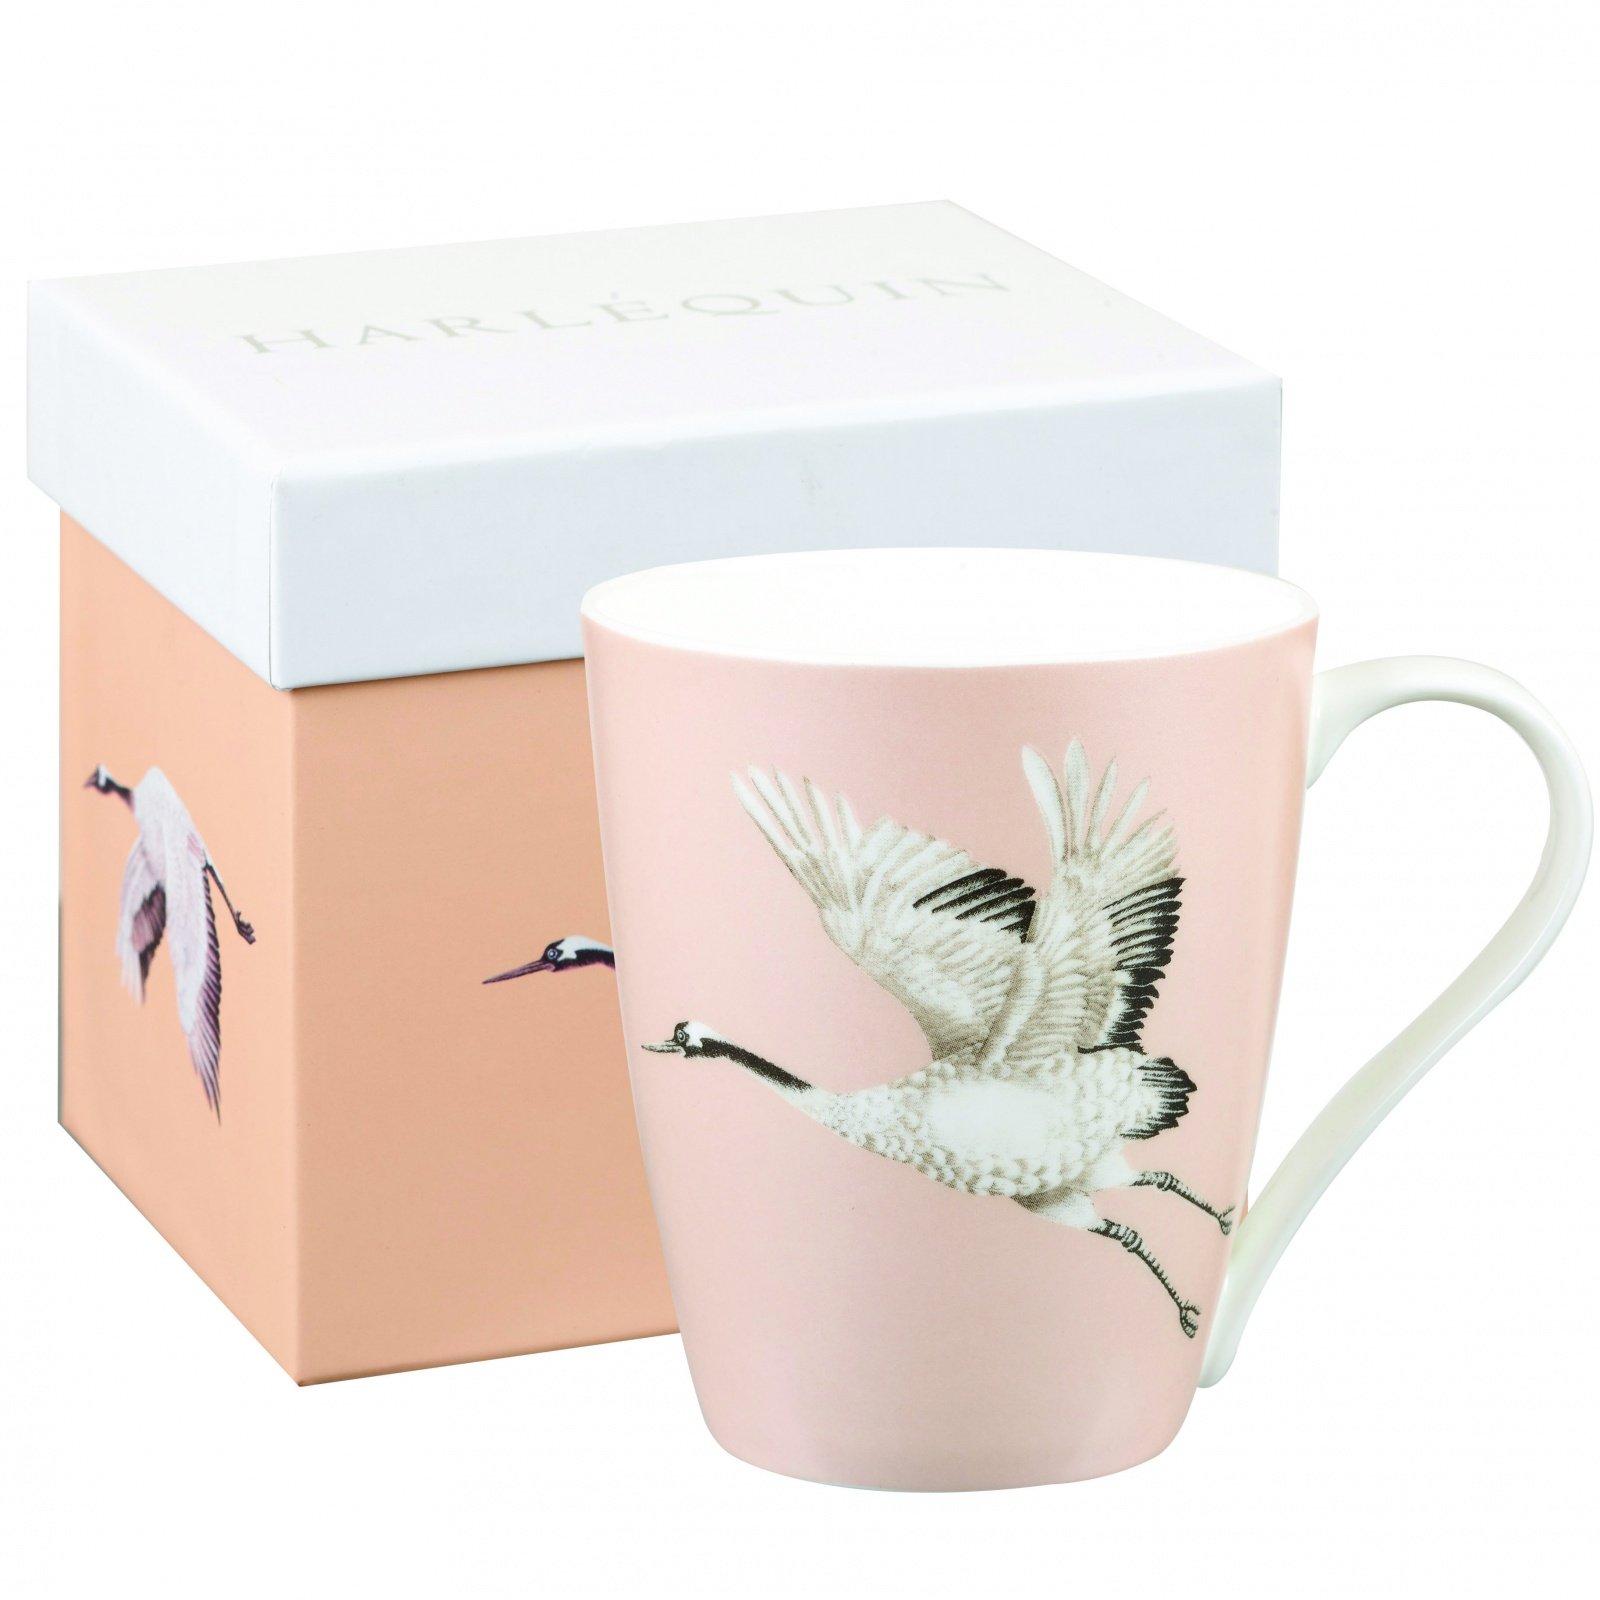 Кружка Churchill Журавль в подарочной коробке 425 мл, цвет розовый, от Арлекин